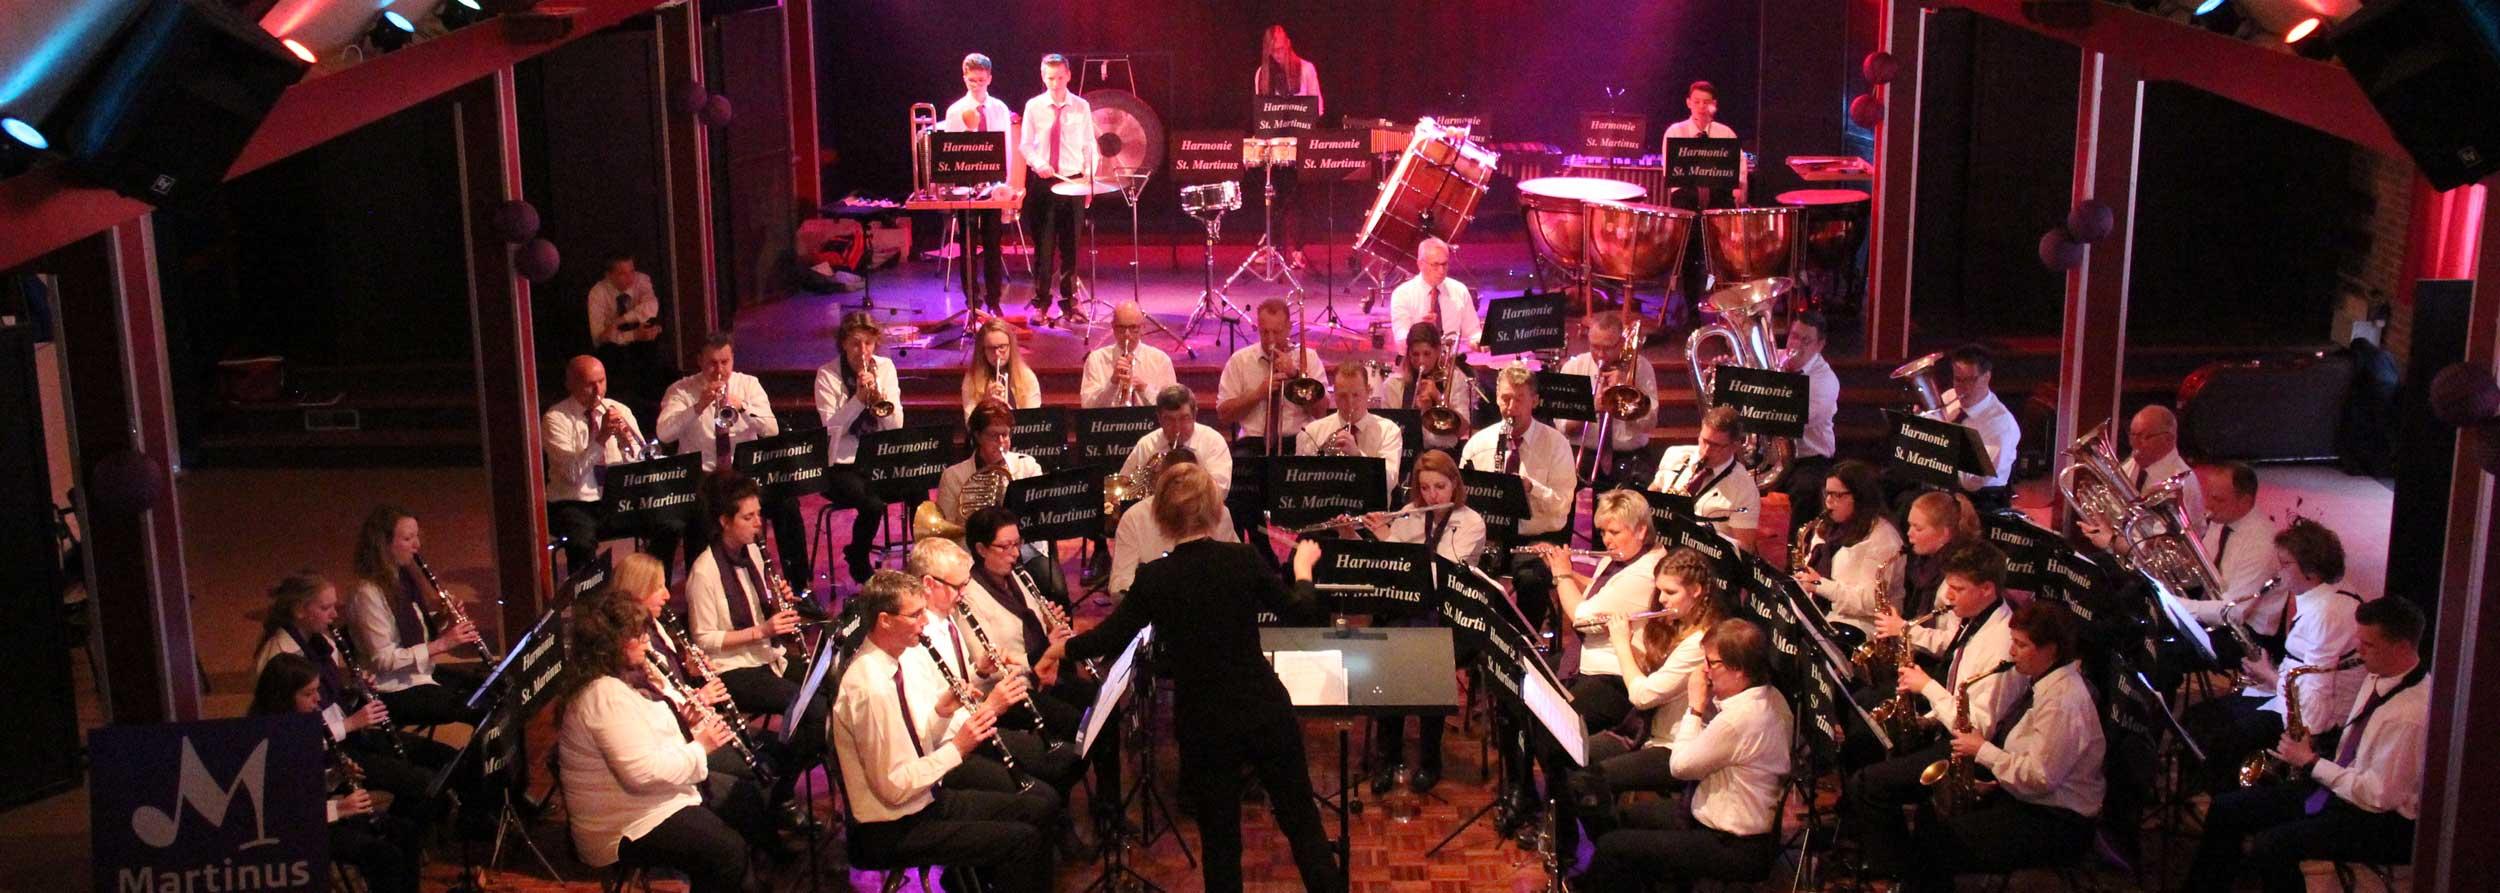 Harmonie Martinus Groot orkest